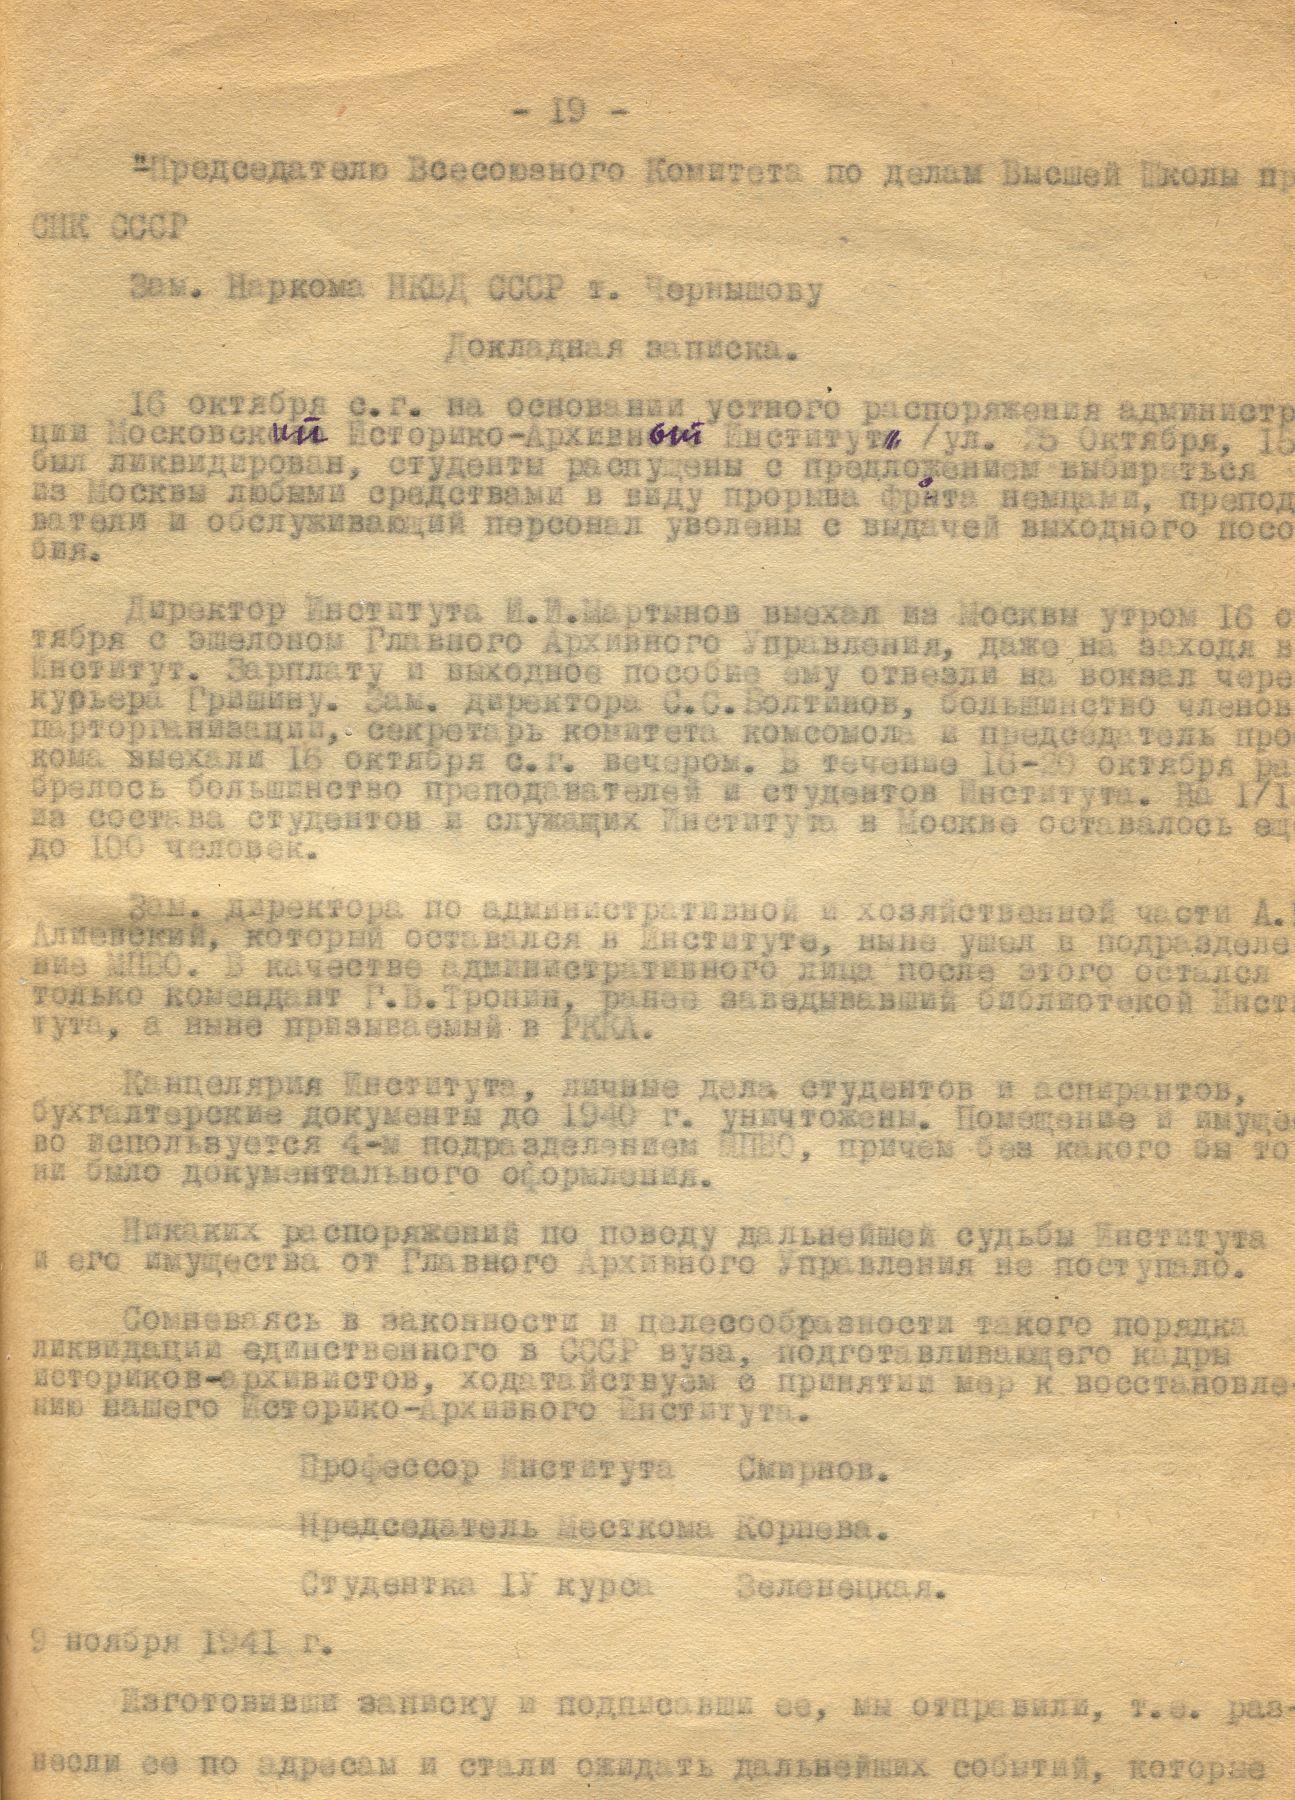 Машинописный текст с автографом автора: проф. Павел Смирнов, бывший директор Историко-архивного ин-та, д-р ист. наук. Москва. 10 февраля 1943 года